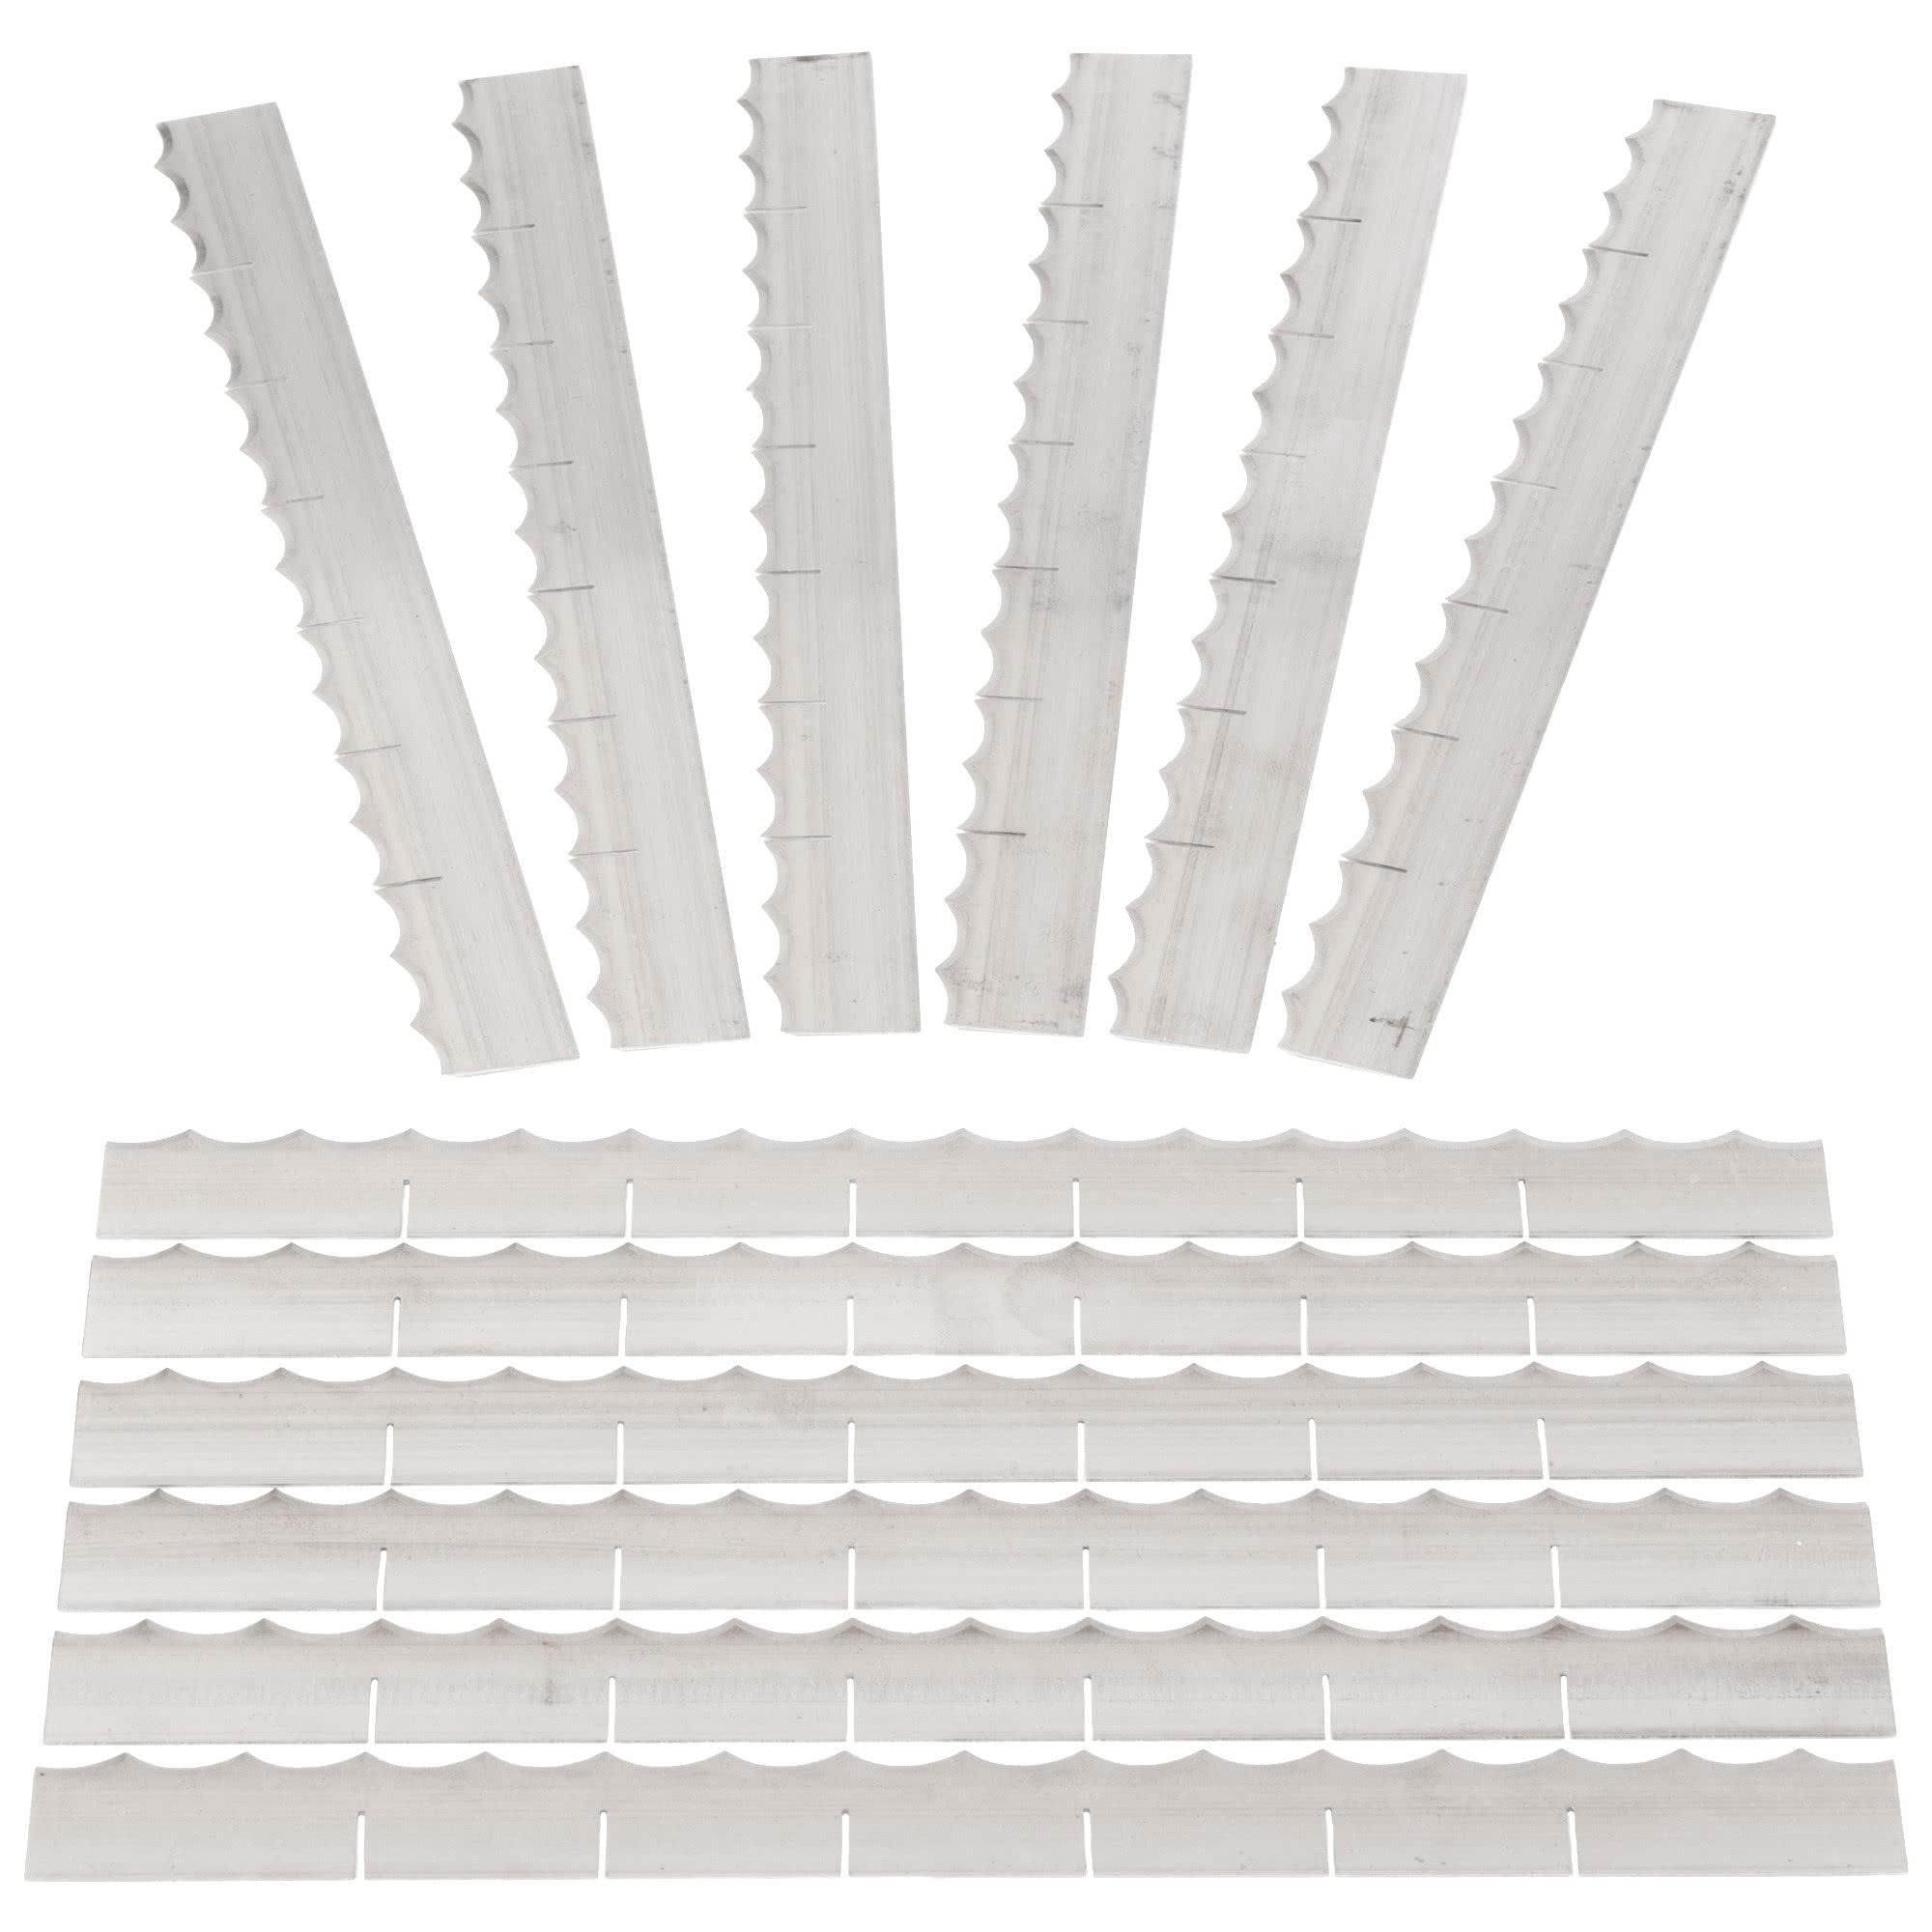 Nemco 55470 Replacement Blade Kit for Easy LettuceKutter